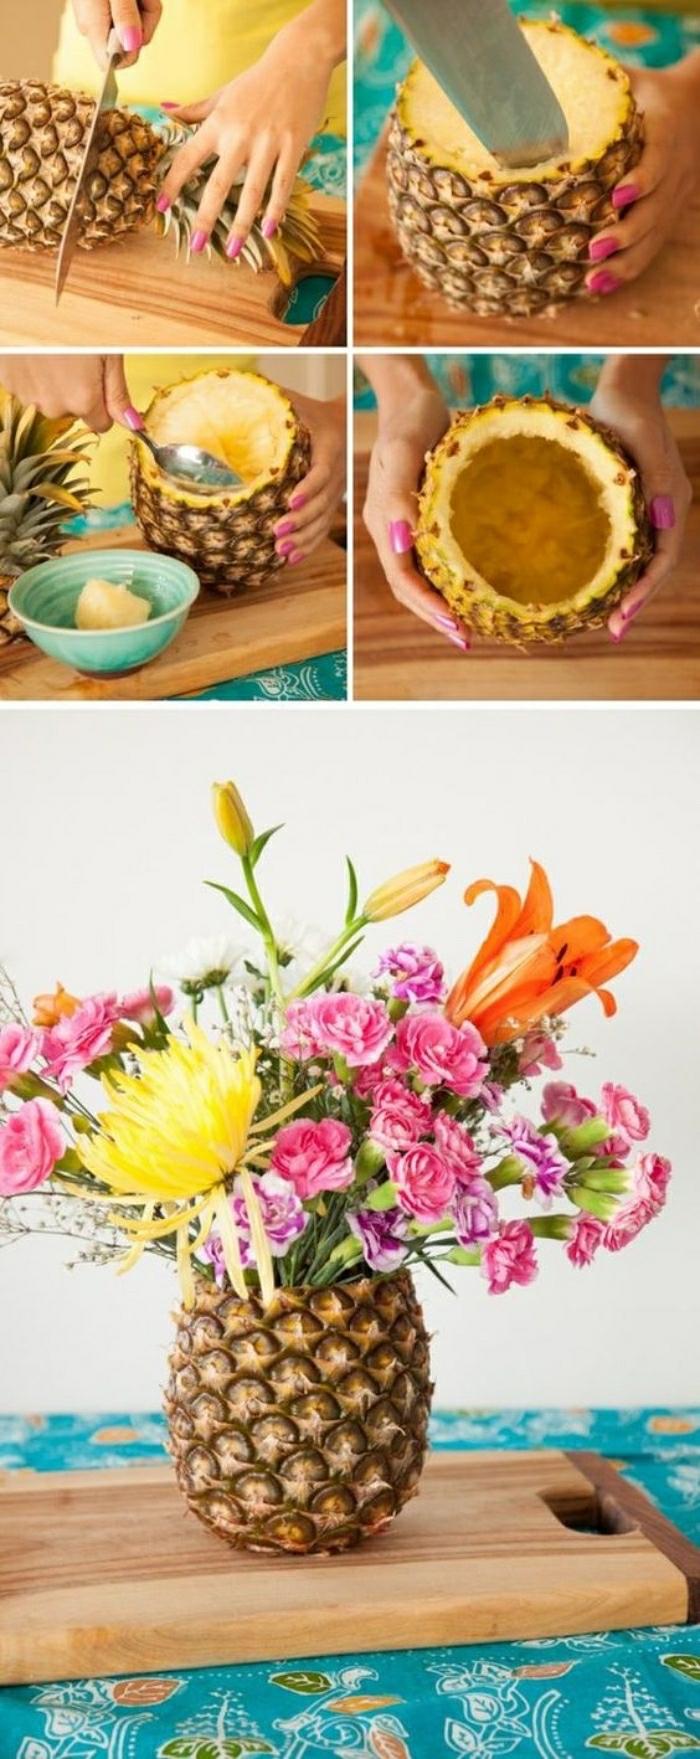 Idee lavoro creativo con un ananas, tutorial per creare un vaso per i fiori